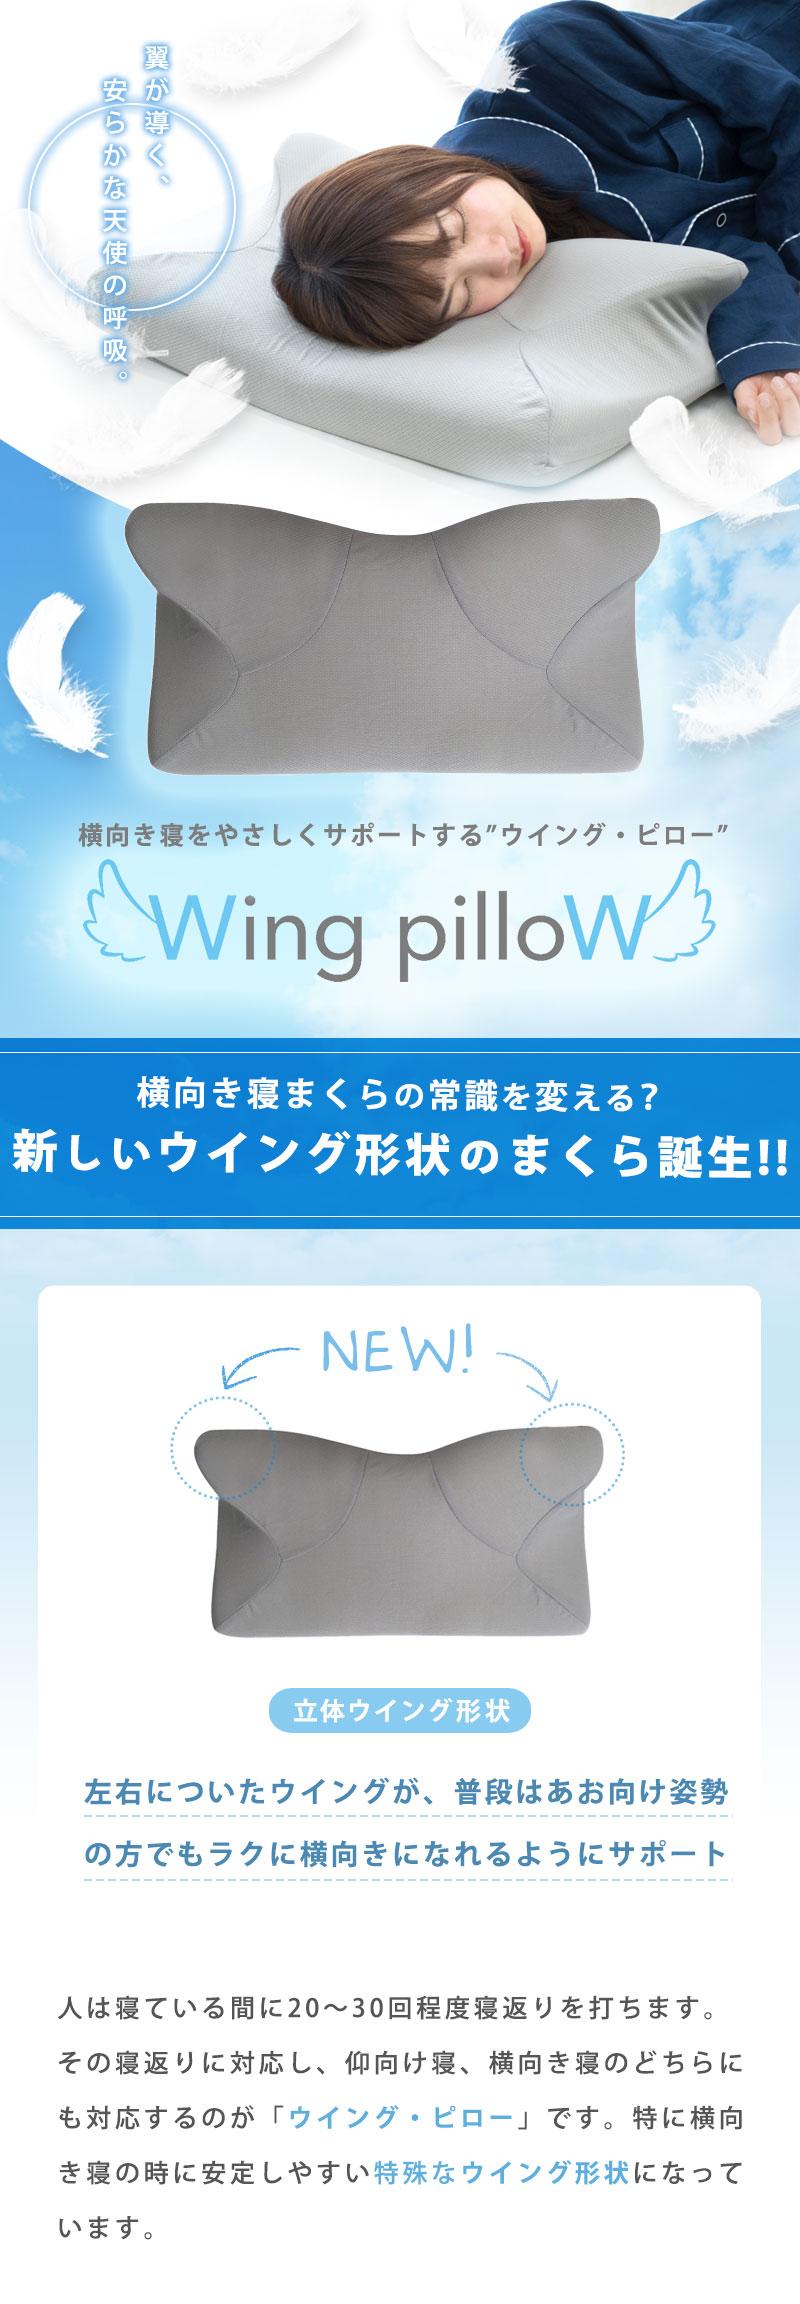 翼が導く、安らかな天使の呼吸。横向き寝をやさしくサポートする ウィング・ピロー Wing pillow 横向き寝まくらの常識を変える?新しいウイング形状のまくら誕生!! 立体ウイング形状 左右についたウイングが、普段はあお向け姿勢の方でもラクに横向きになれるようにサポート 人は寝ている間に20~30回程度寝返りを打ちます。その寝返りに対応し、仰向け寝、横向き寝のどちらにも対応するのが「ウイング・ピロー」です。特に横向き寝のときに安定しやすい特殊なウイング形状になっています。